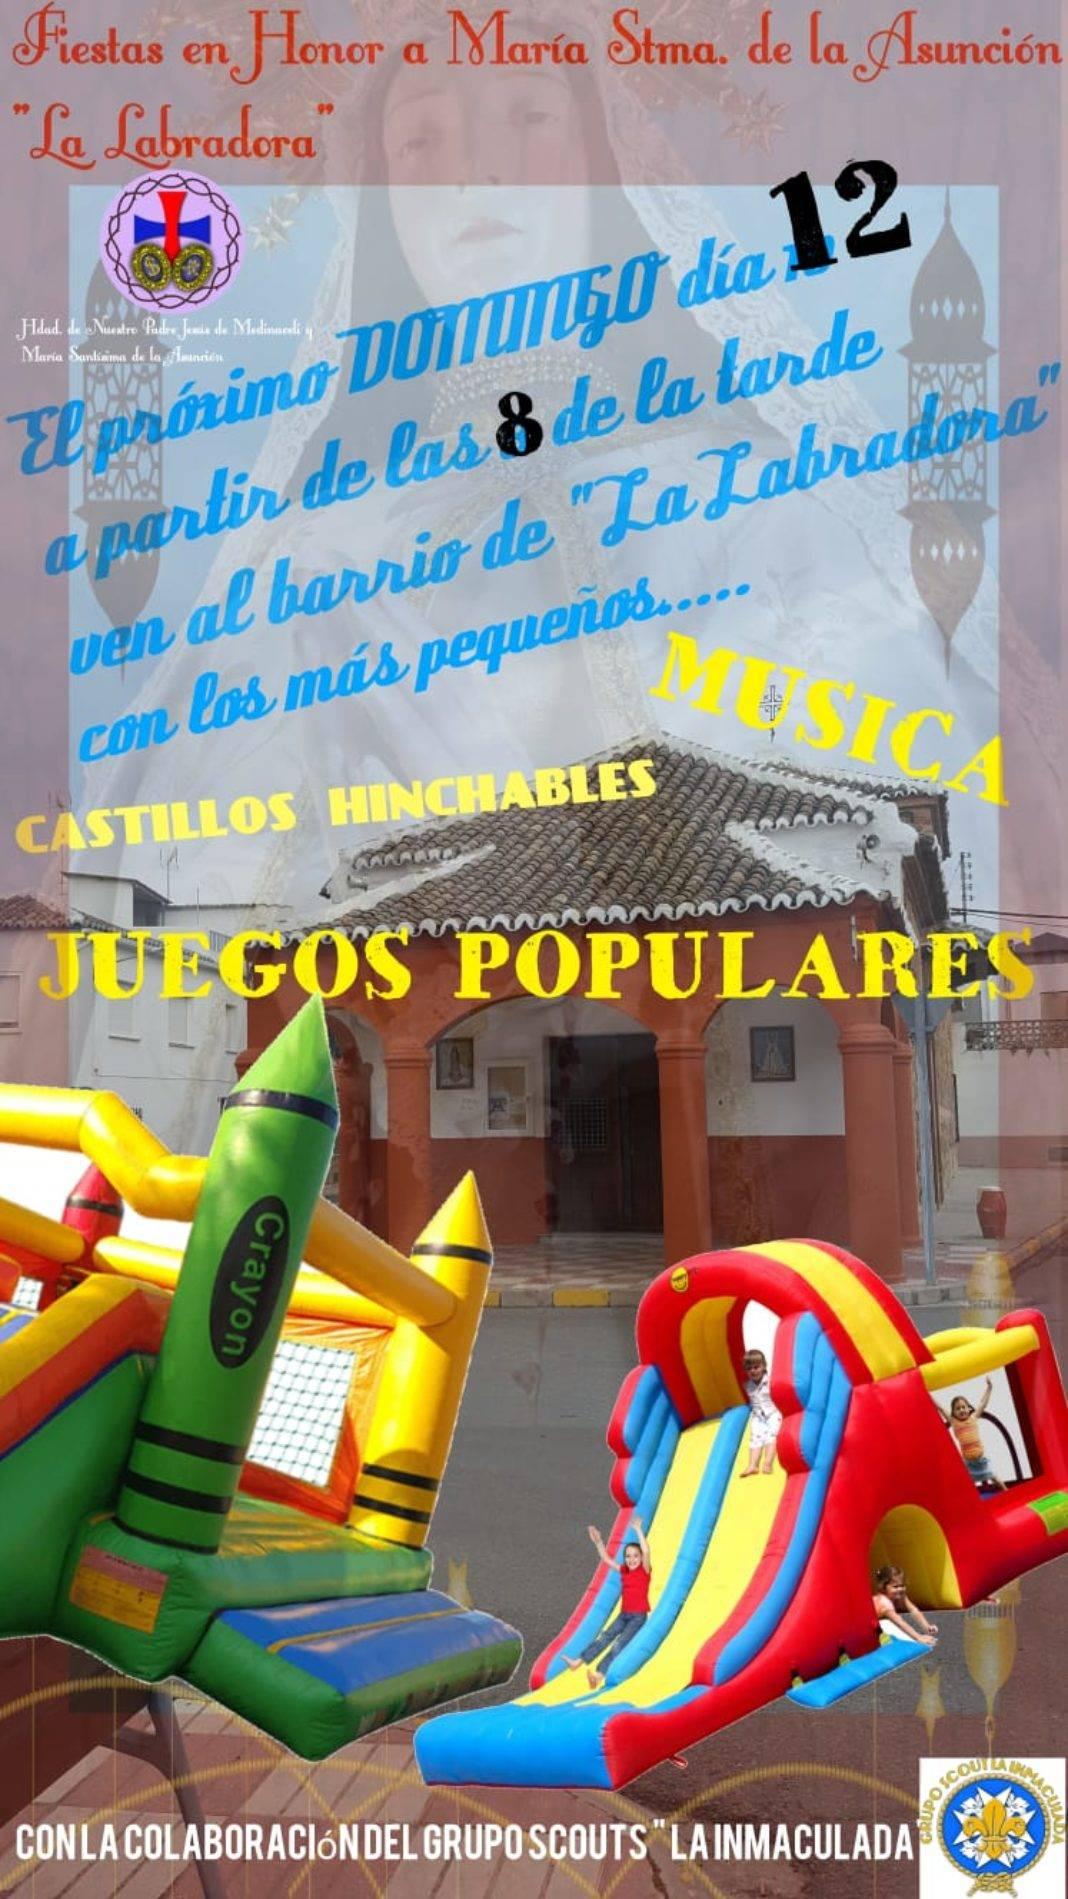 Música, juegos populares e hinchables en el barrio de La Labradora 4